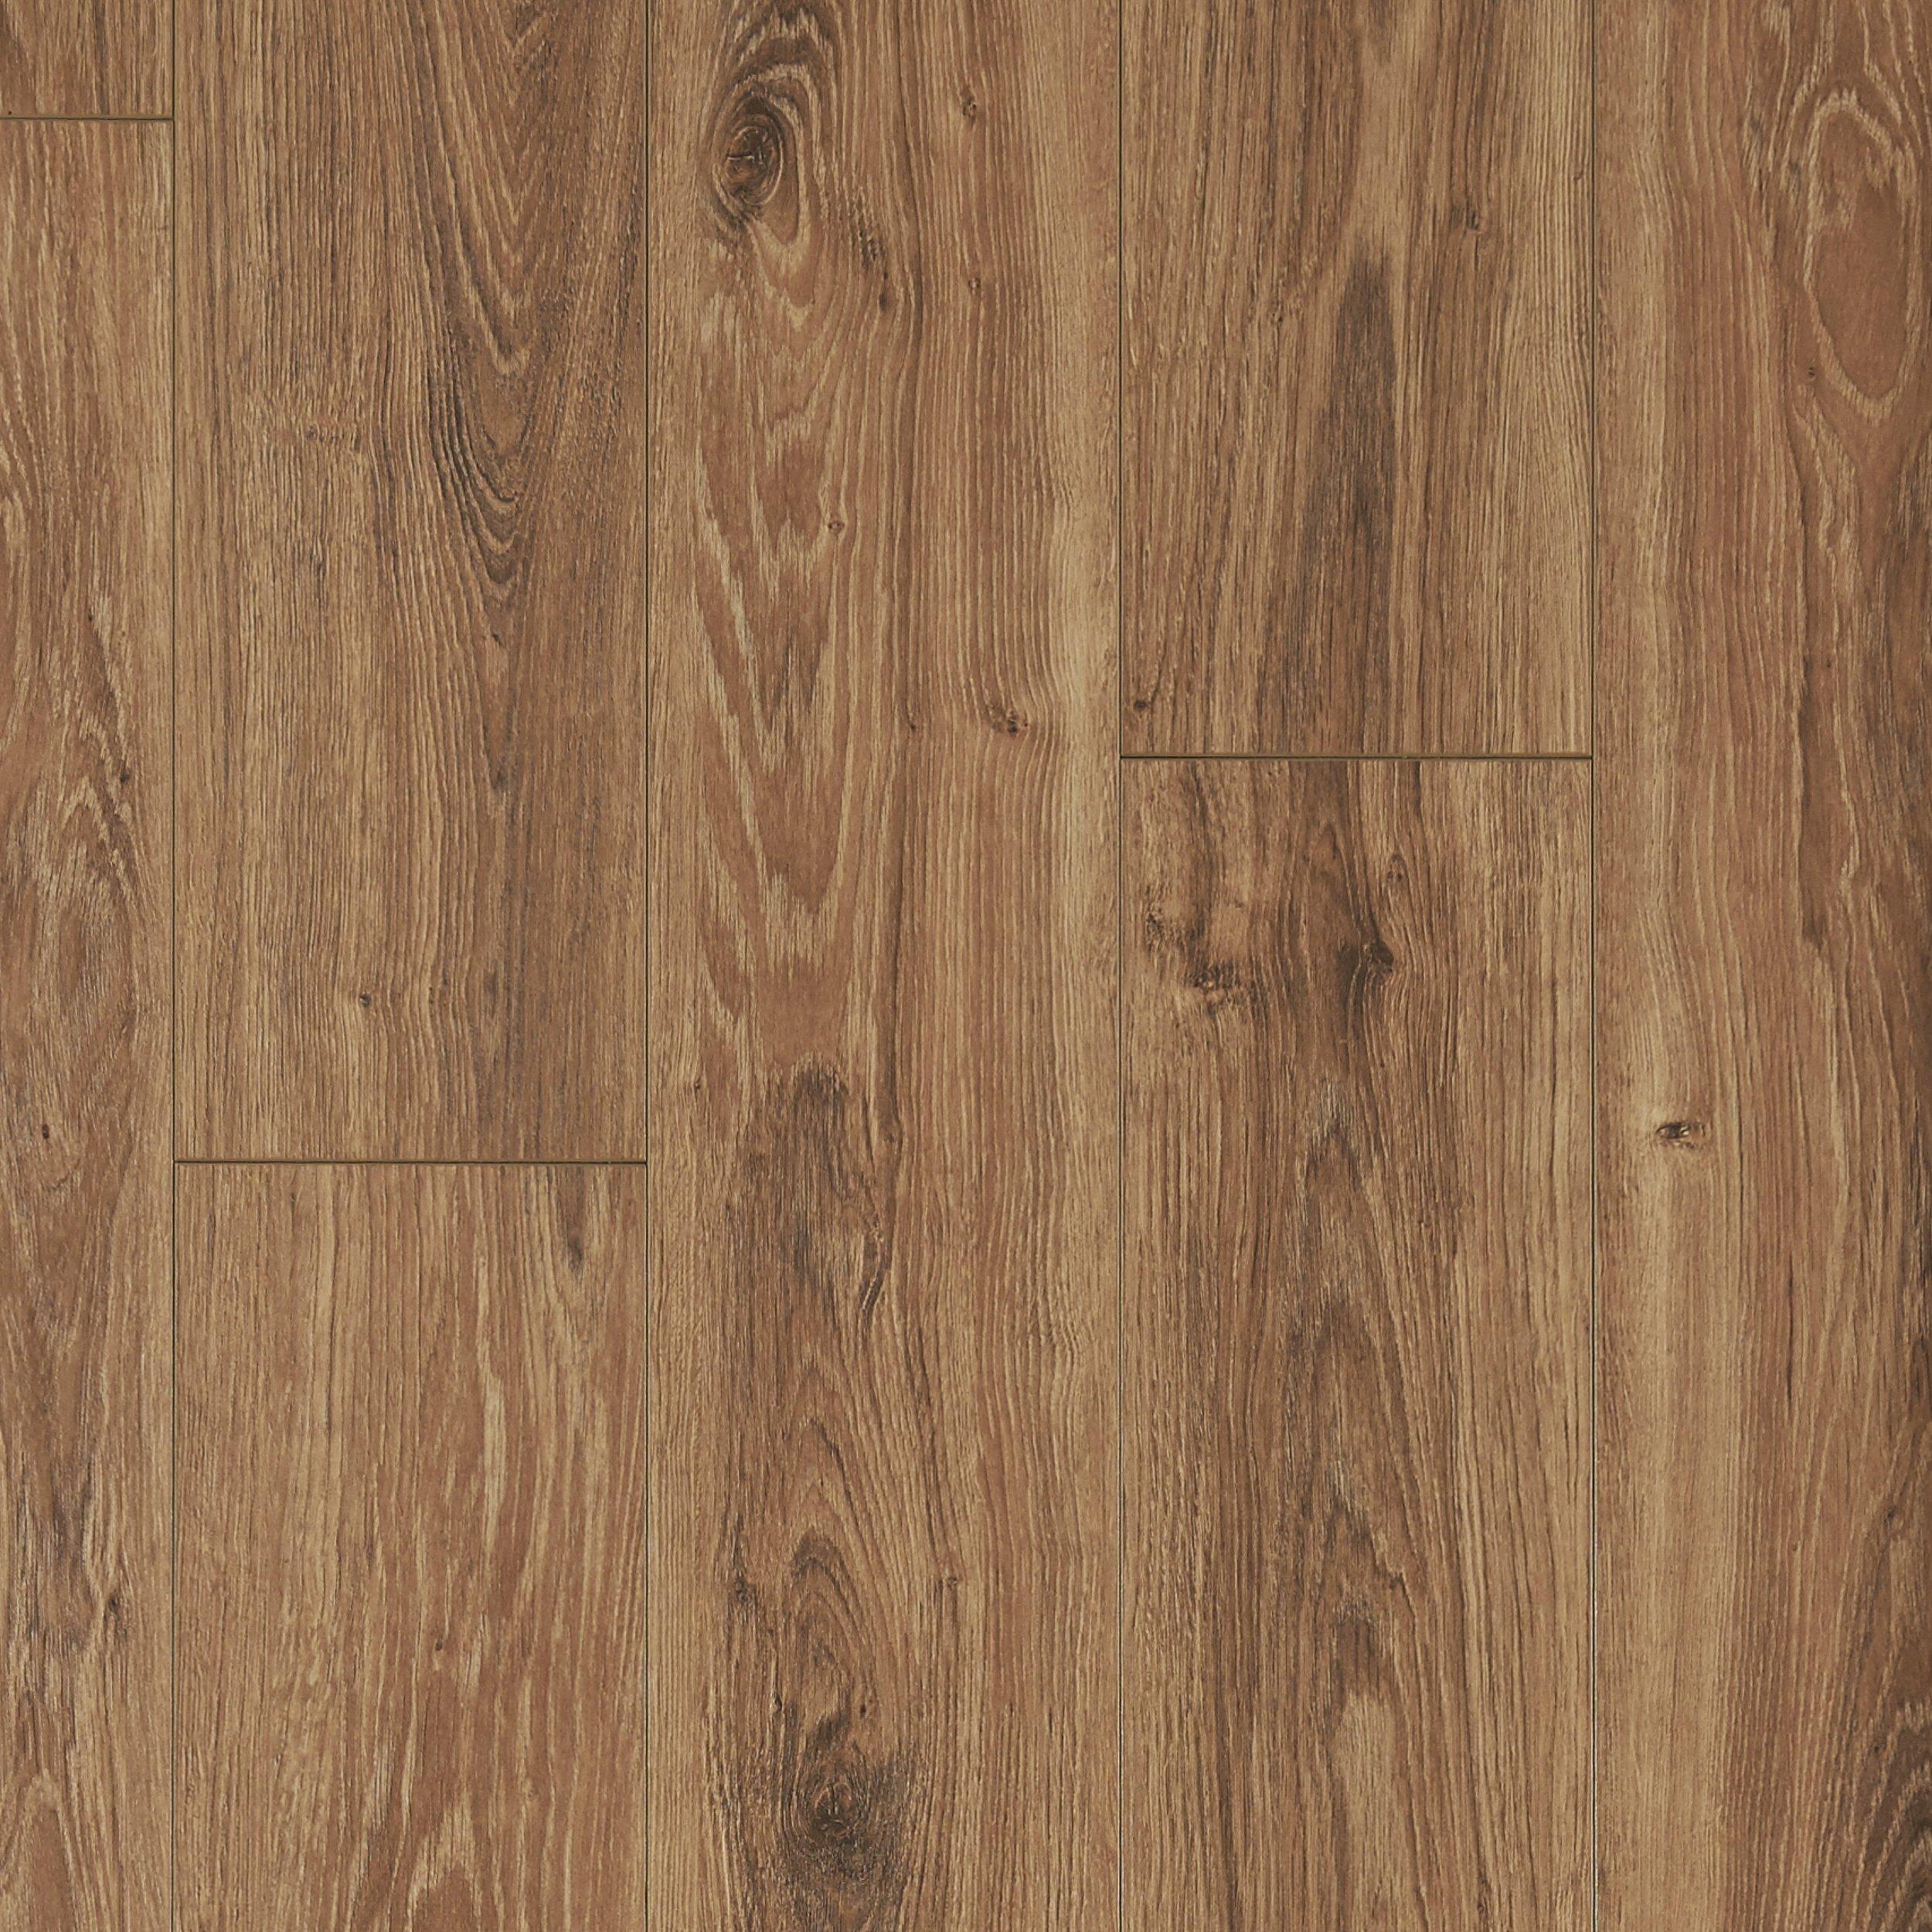 Gogh Water Resistant Laminate Flooring Floor Decor Laminate